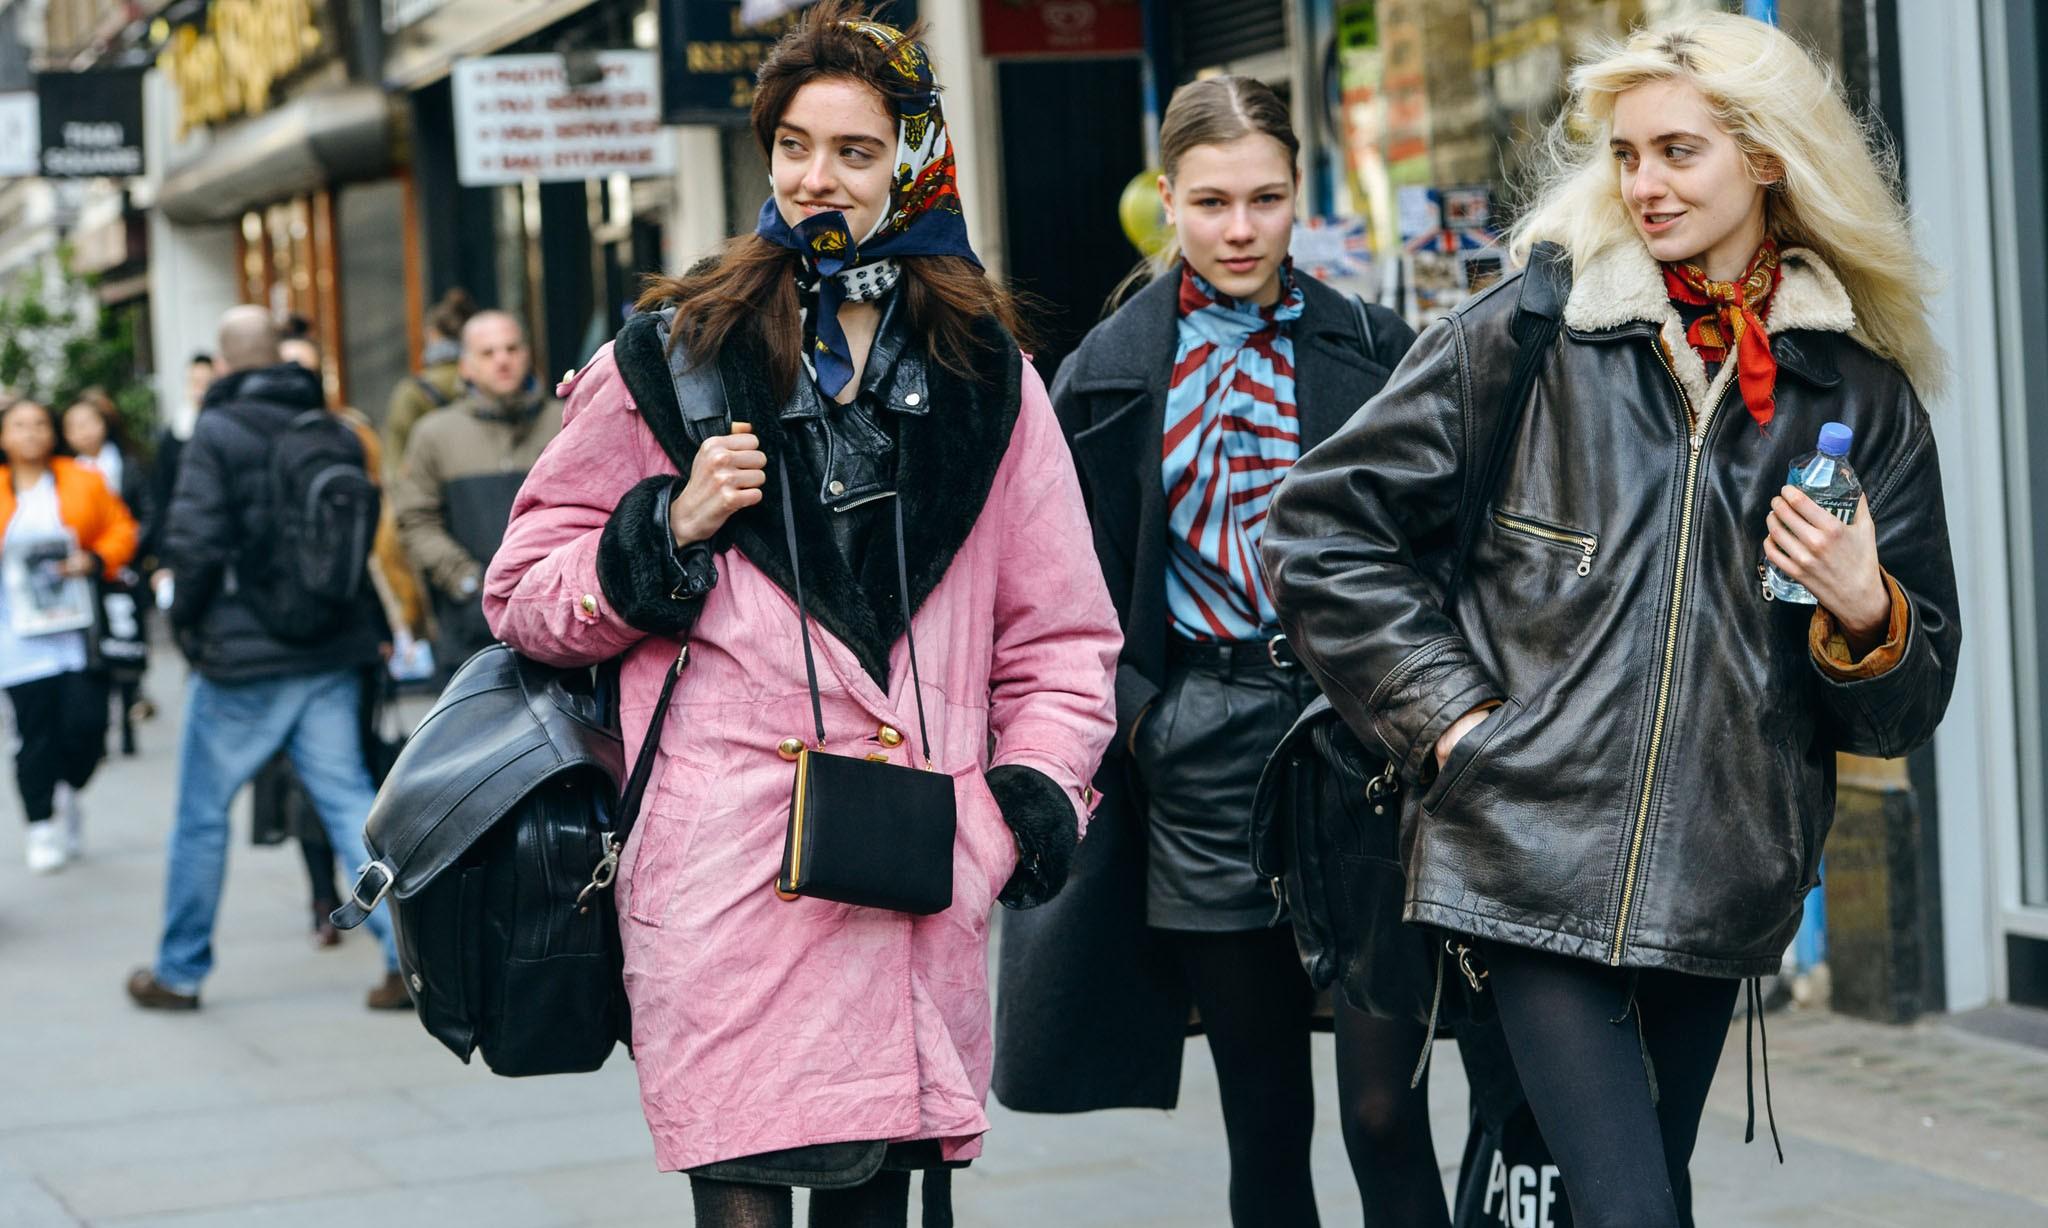 街拍大师 Tommy Ton 2015 纽约时装周街拍第六辑